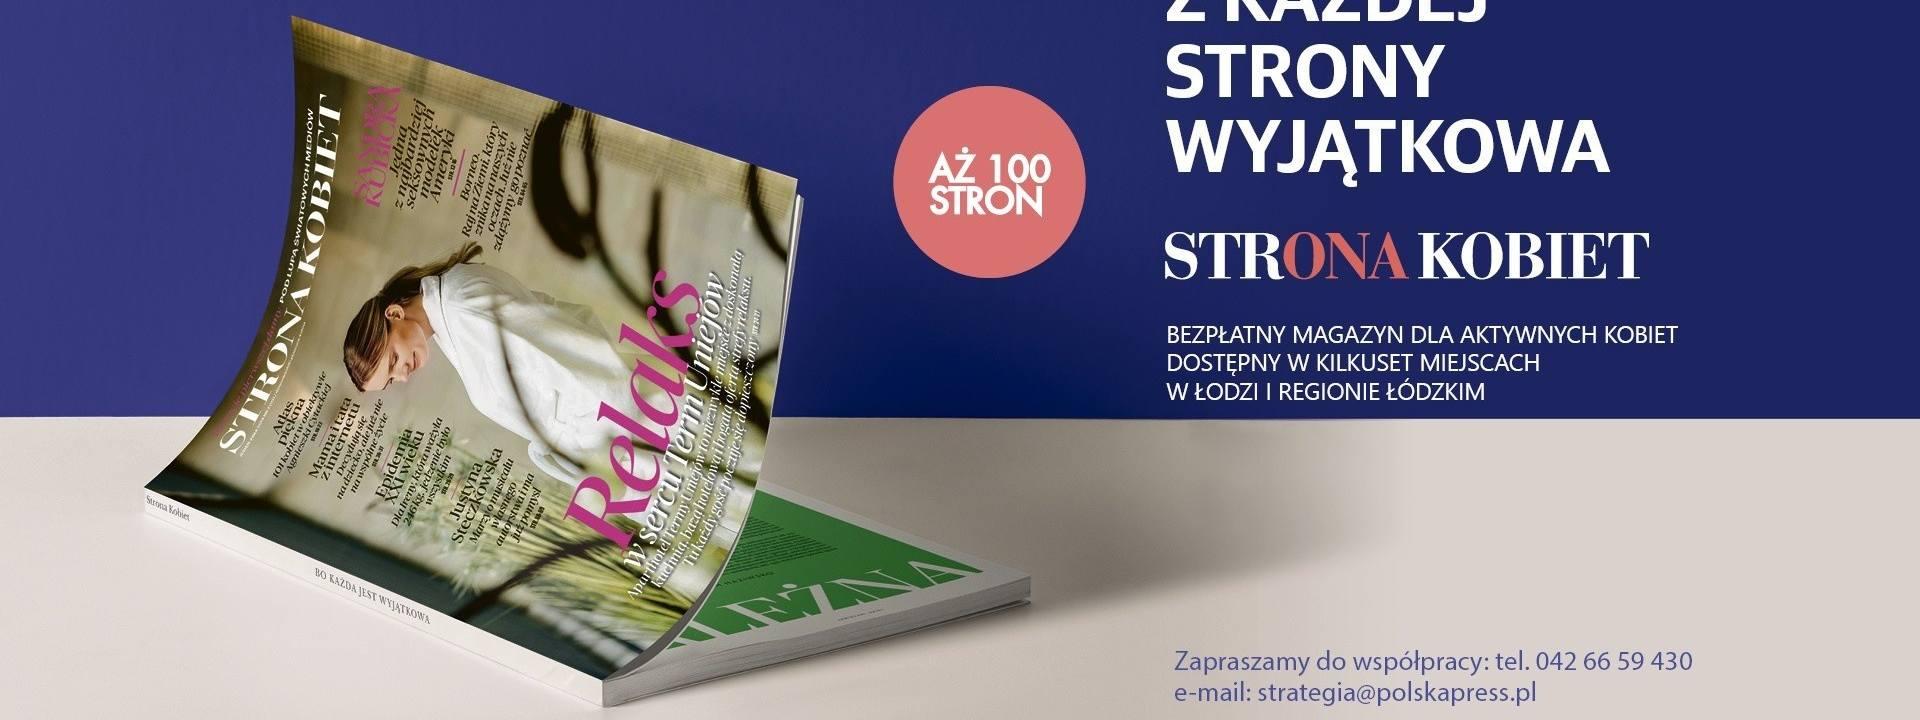 """Magazyn """"Strona Kobiet"""". Jest już drugi numer łódzkiego ekskluzywnego magazynu """"Strona Kobiet"""""""